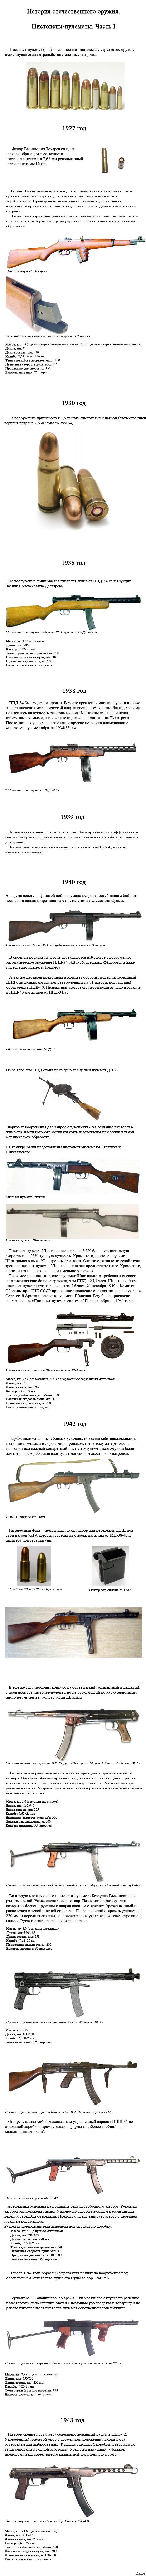 История отечественного оружия Пистолеты-пулеметы. Часть I.